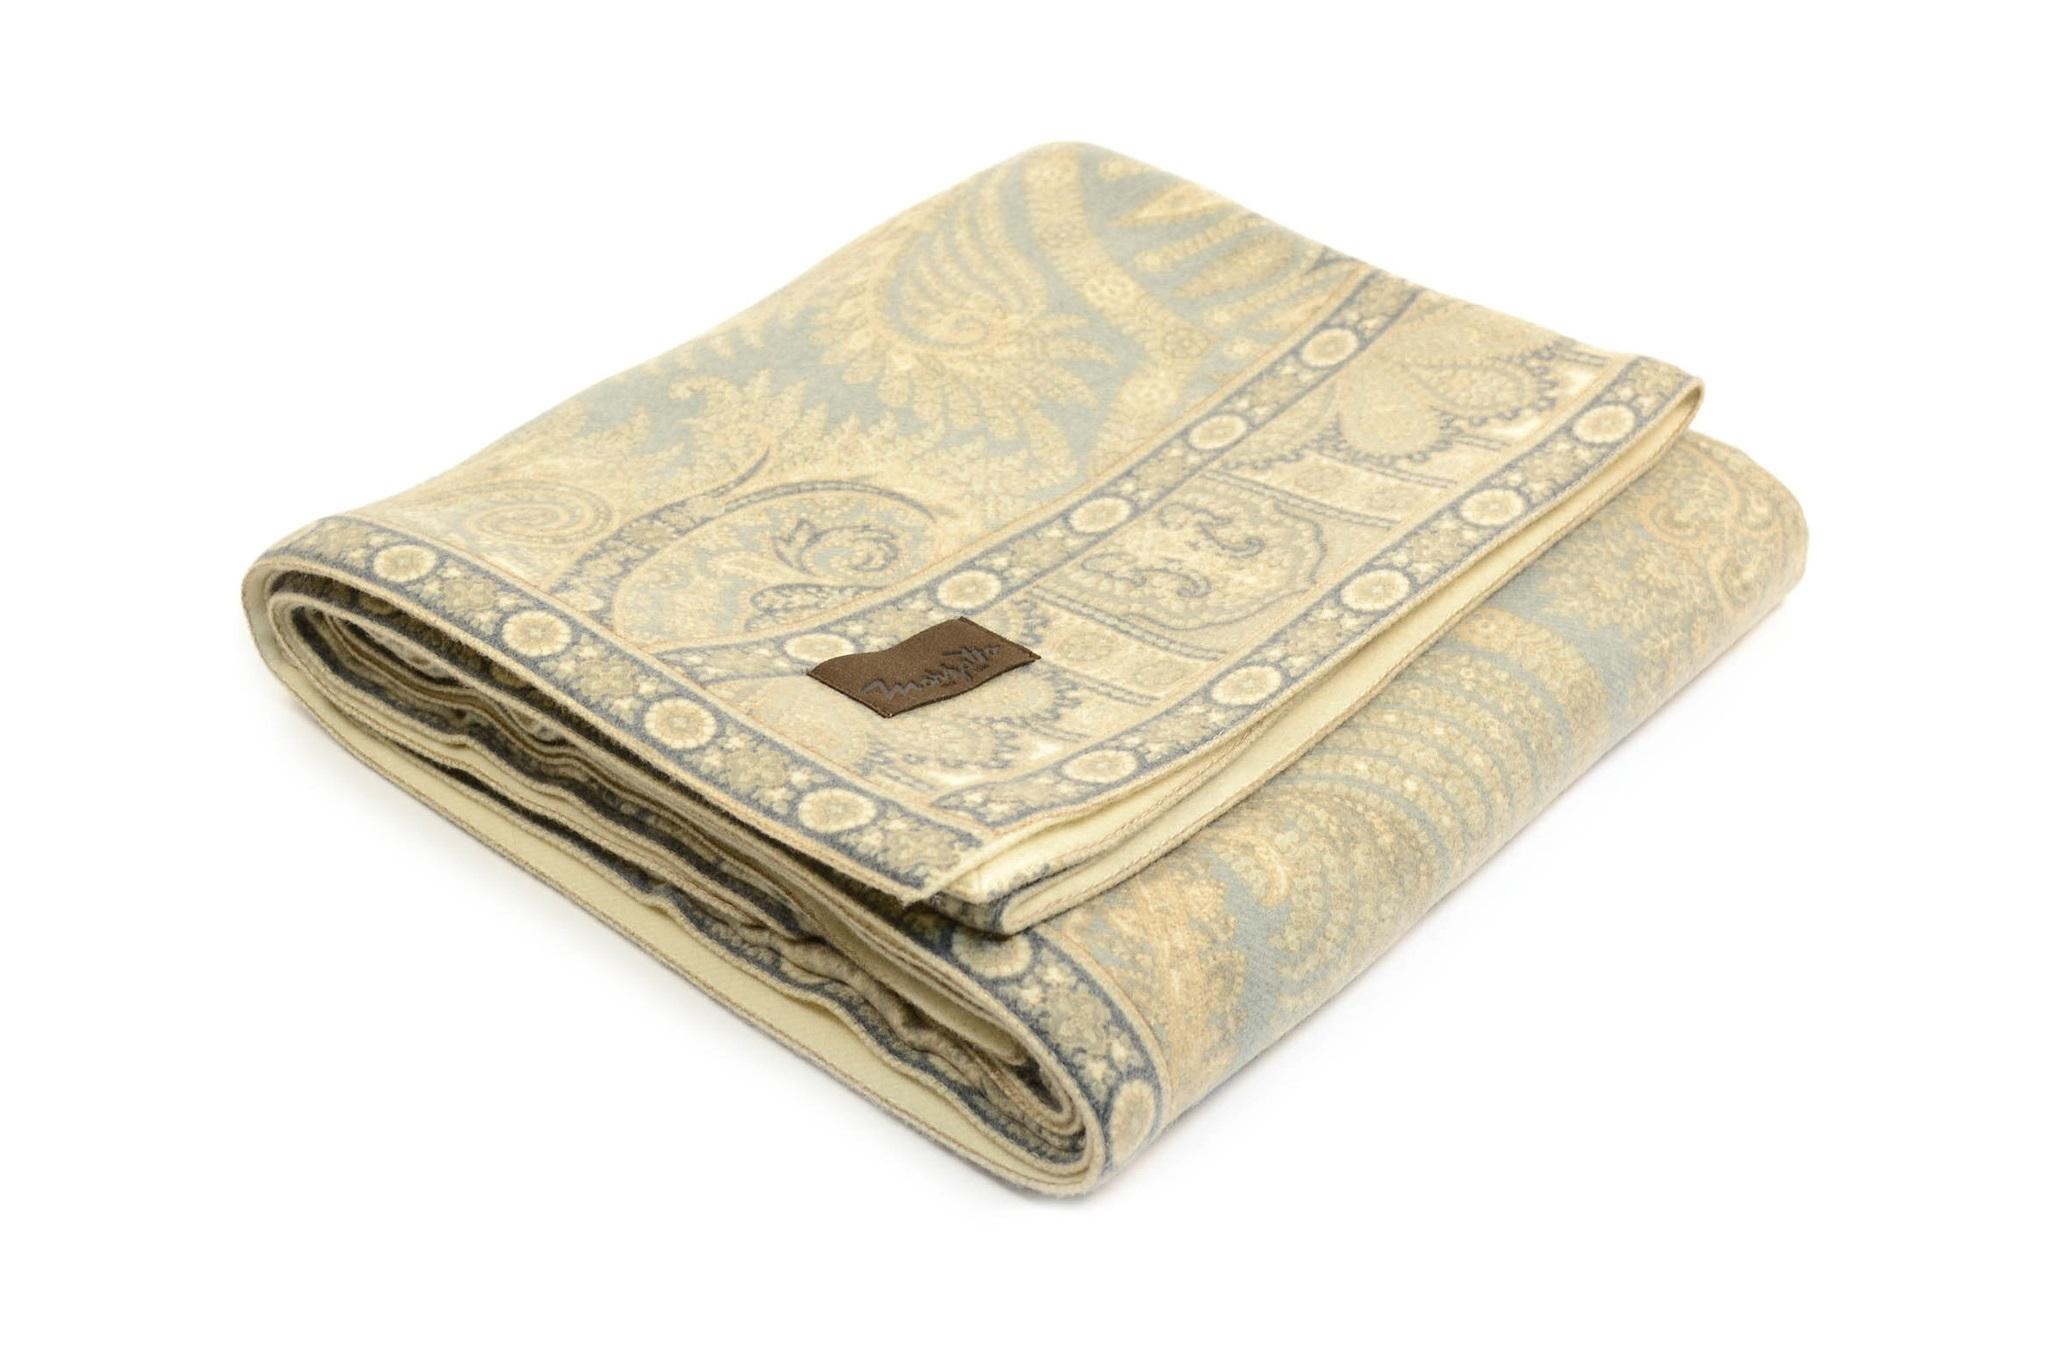 Плед MandalaШерстяные пледы<br>Роскошный плед с оригинальным жаккардовым узором, выполненный из 100% кашемира, послужит отличным подарком для ваших близких и создаст уют в доме.&amp;lt;div&amp;gt;&amp;lt;br&amp;gt;&amp;lt;/div&amp;gt;&amp;lt;div&amp;gt;Состав: кашемир 100%&amp;lt;/div&amp;gt;&amp;lt;div&amp;gt;Уход: сухая чистка, химчистка                                                                     &amp;lt;/div&amp;gt;<br><br>Material: Шерсть<br>Width см: 140<br>Depth см: 200<br>Height см: 0.3